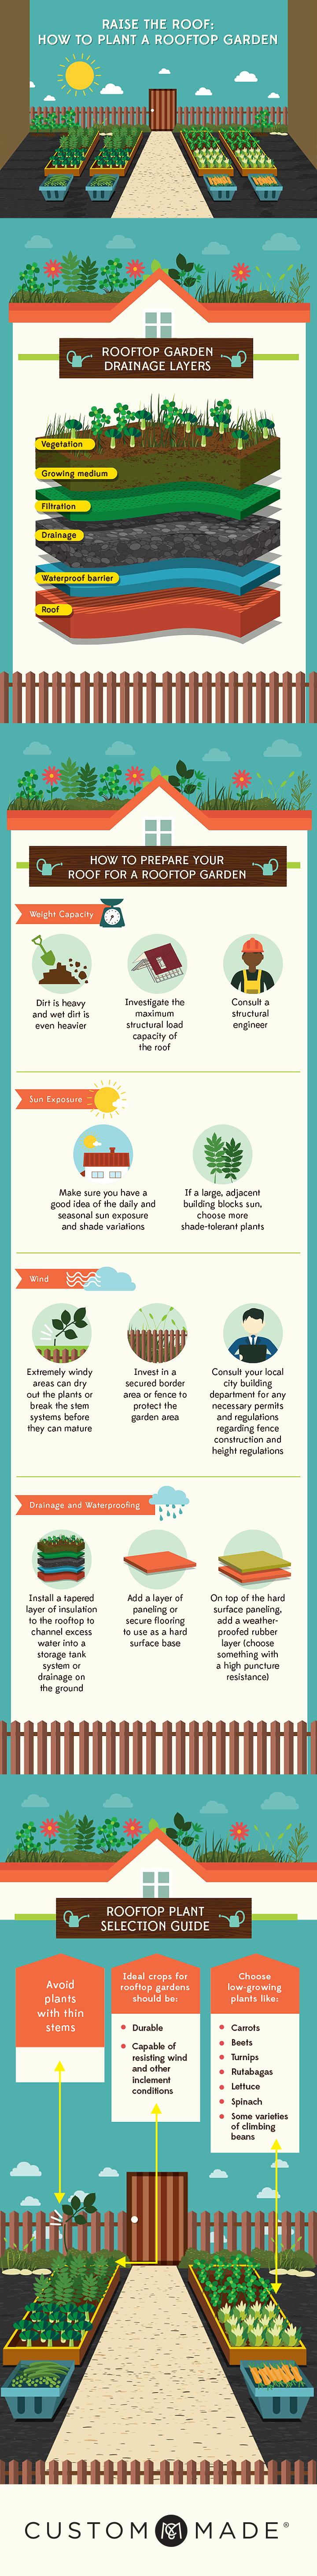 Heb jij altijd al je eigen tuintje willen hebben maar geen ruimte er voor gehad? Leer in deze infographic hoe je een tuin op jouw dak kan maken.